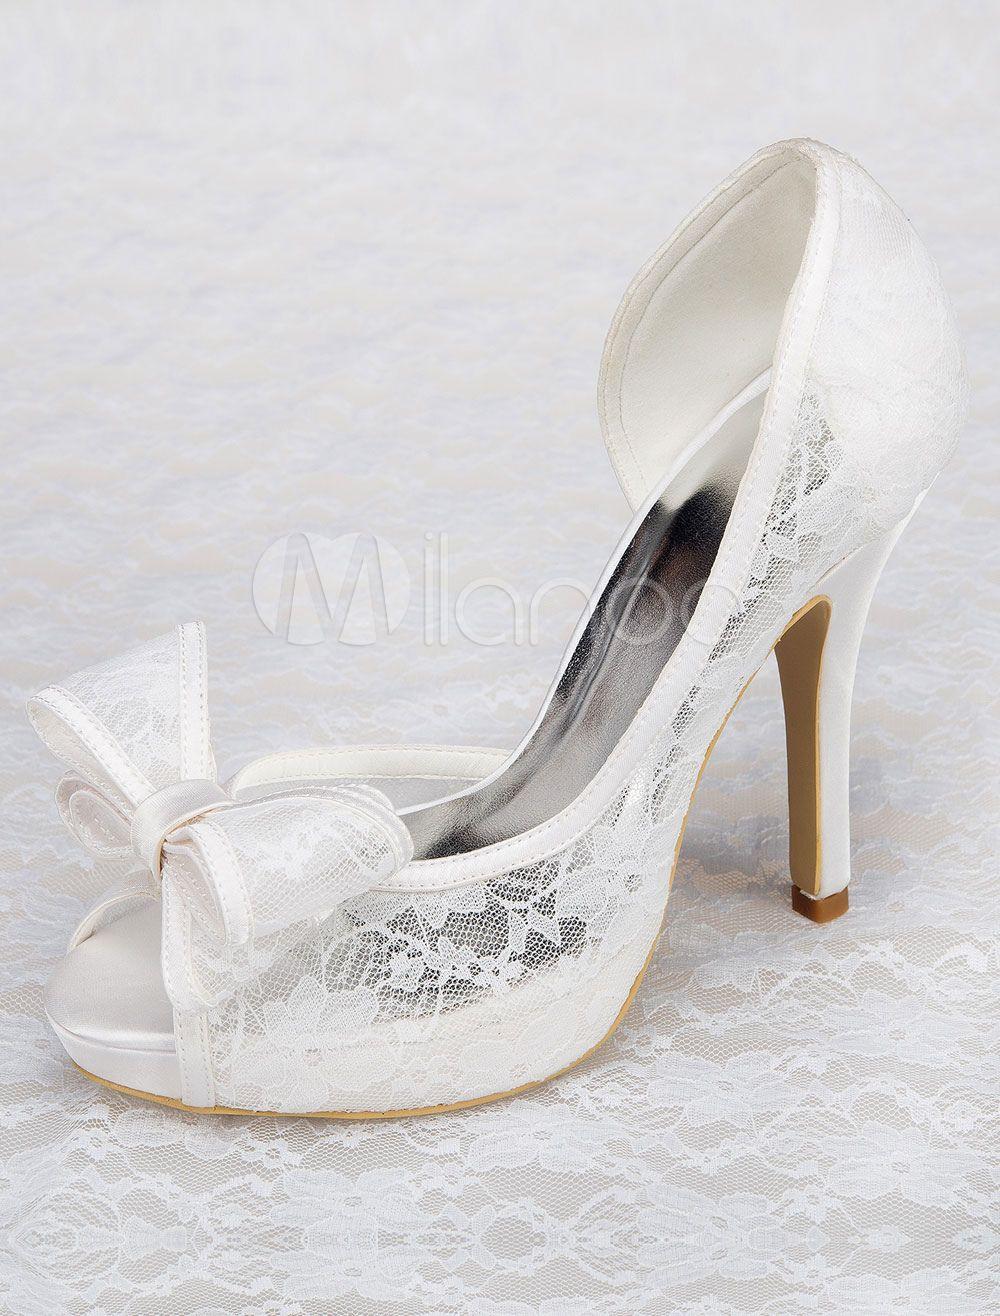 946af0880cde7d Chaussures plateforme chic de mariage blanc dentelle à talons aigus ...